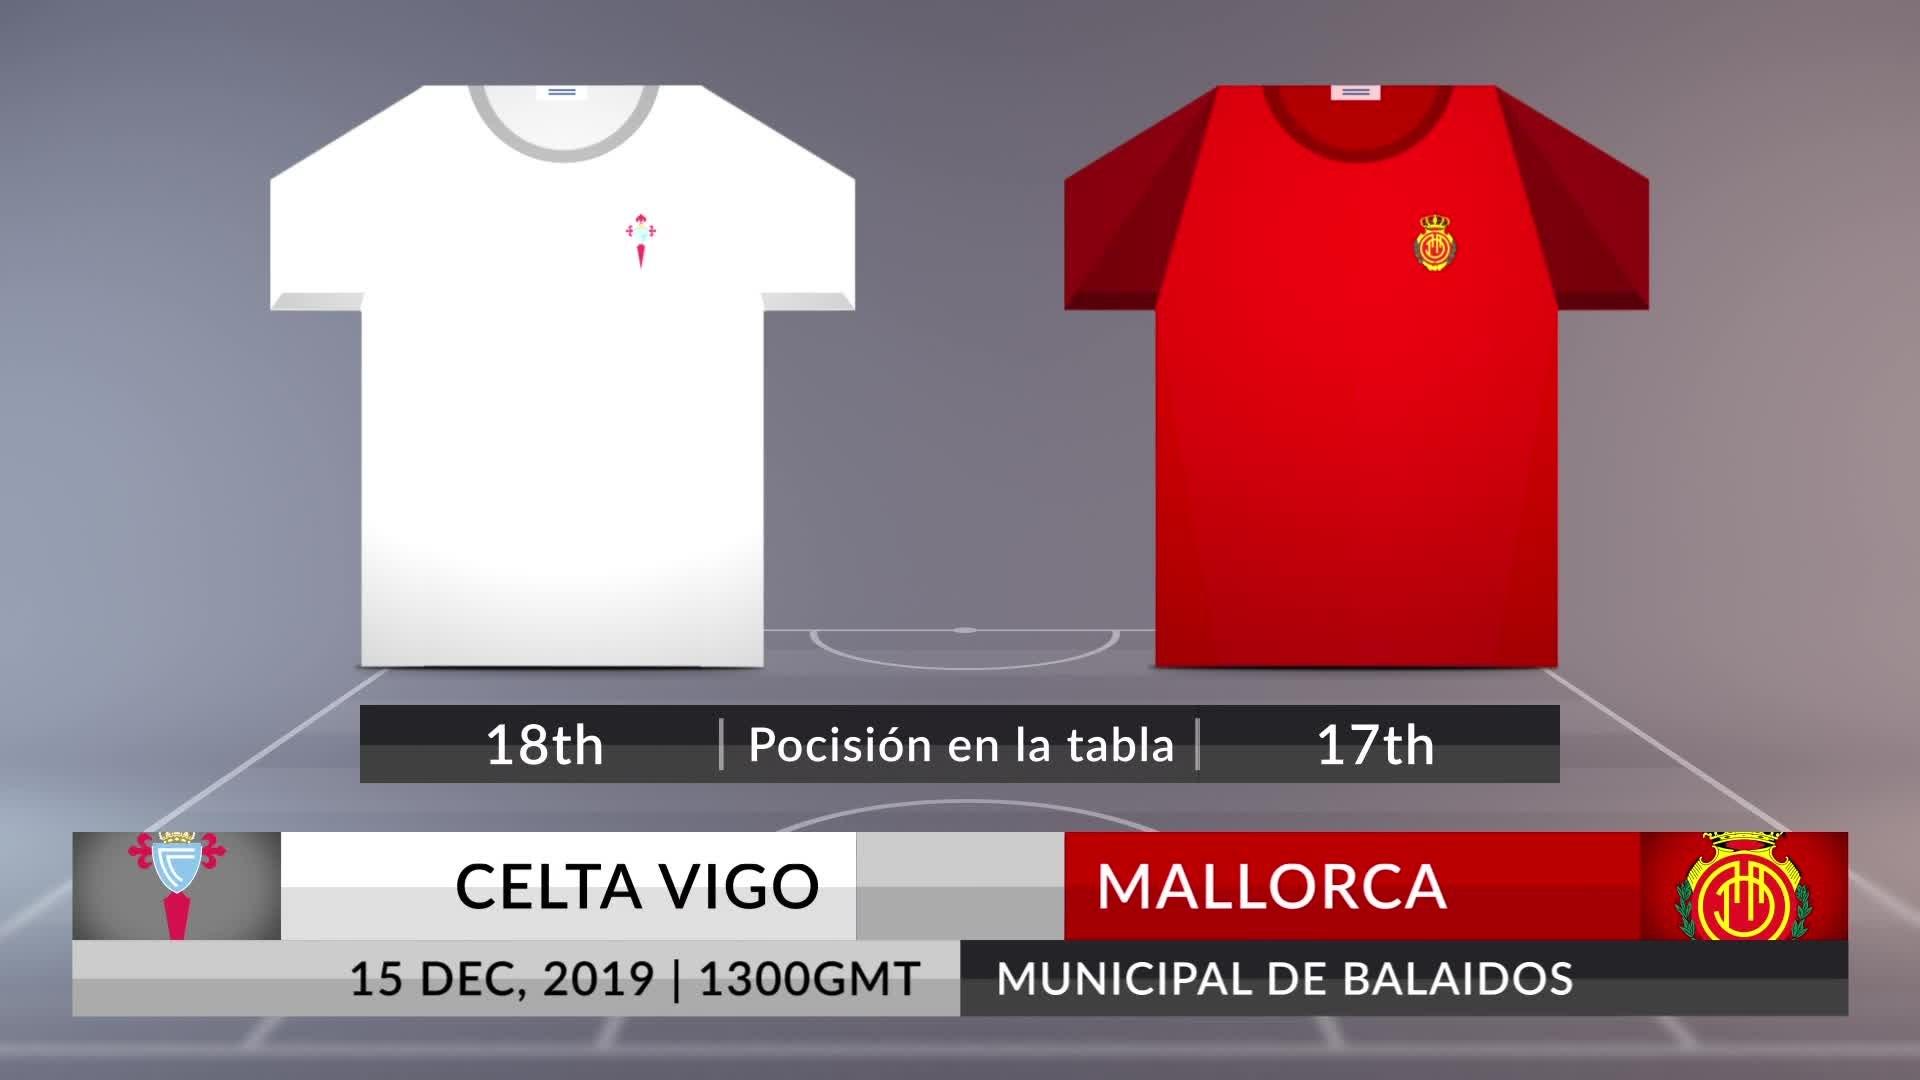 Match Preview: Celta Vigo vs Mallorca on 15/12/2019